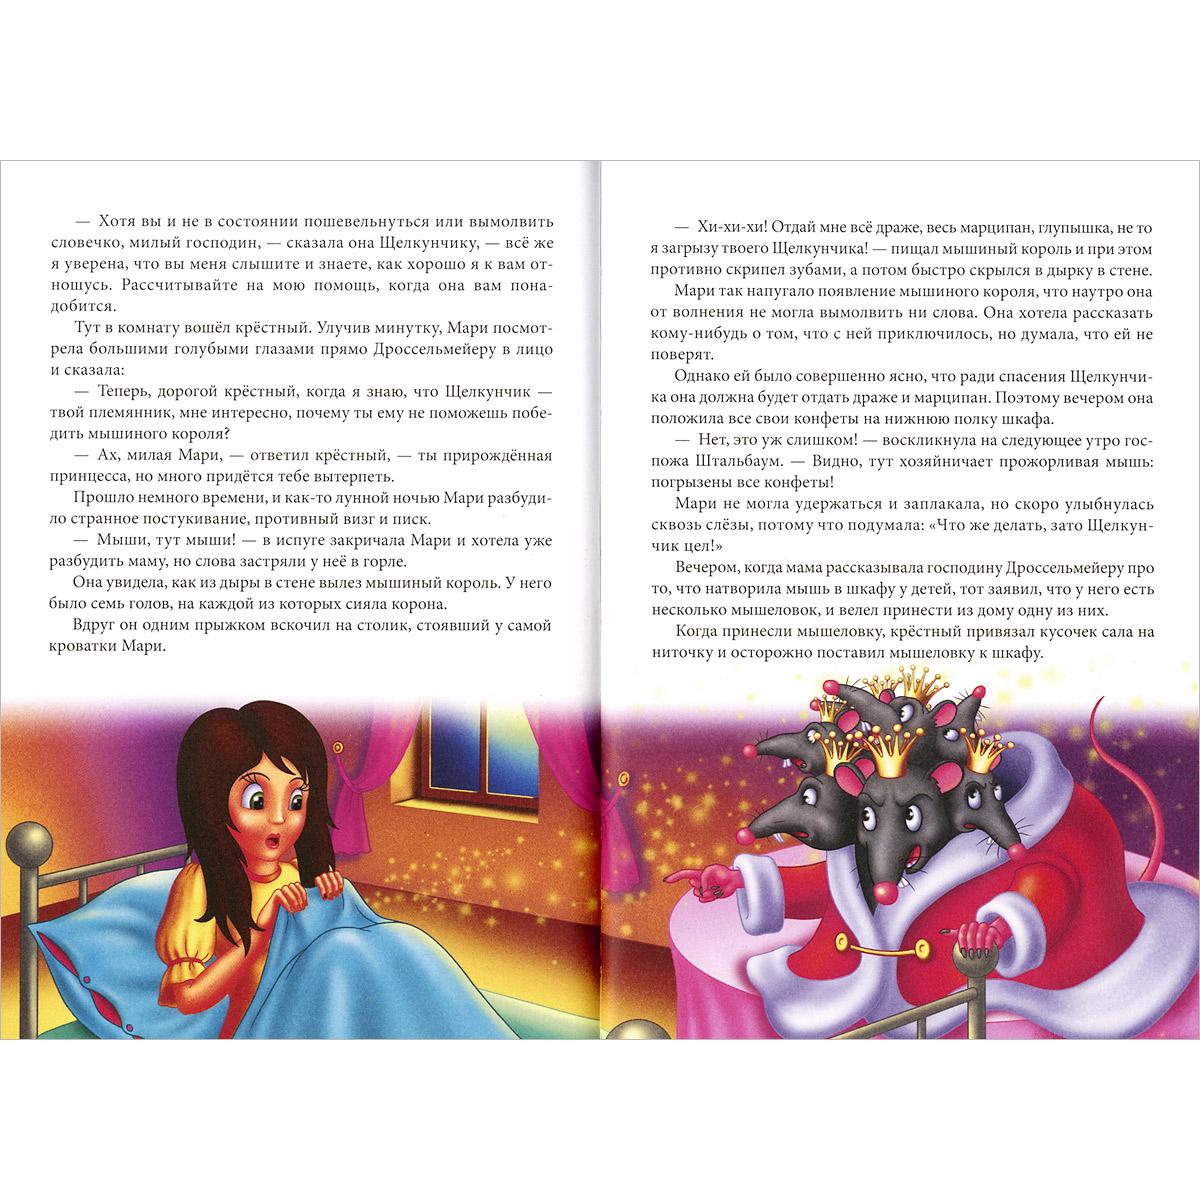 Изумрудная книга сказок